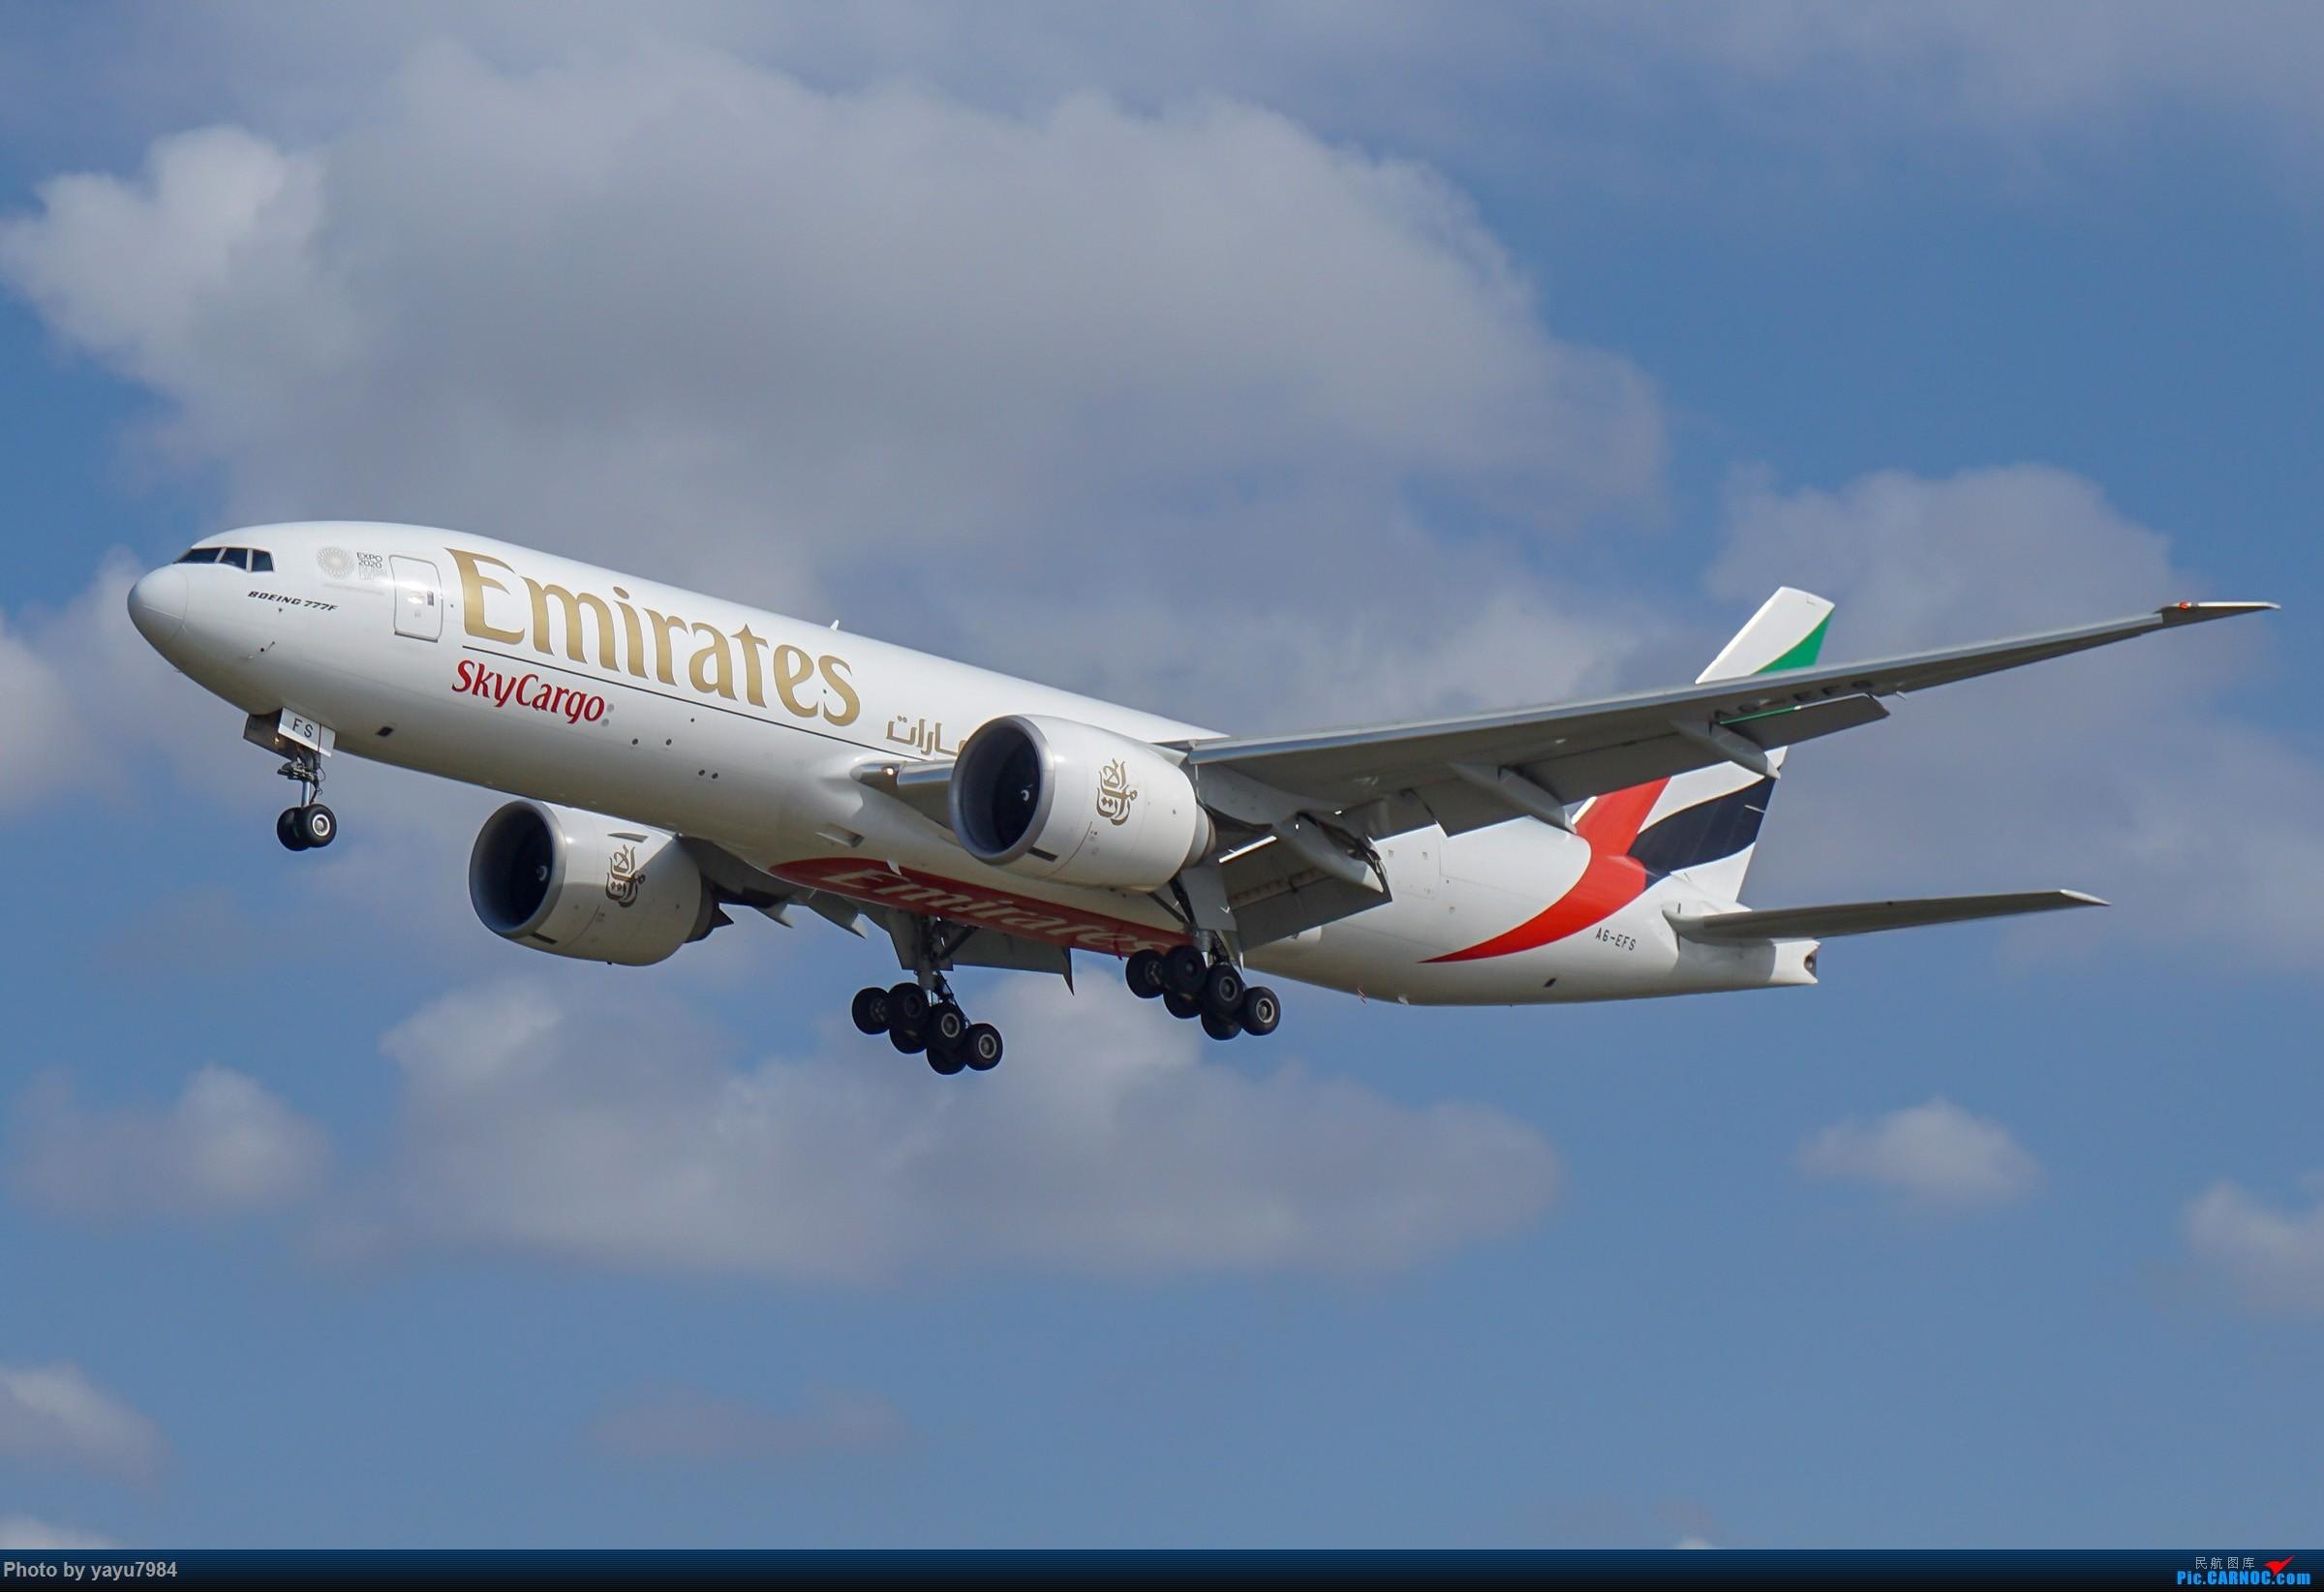 Re:[原创][SYD] 东航天合332,雪绒花343,华航蓝鹊,以及其他日常货 BOEING 777F A6-EFS 澳大利亚悉尼金斯福德·史密斯机场